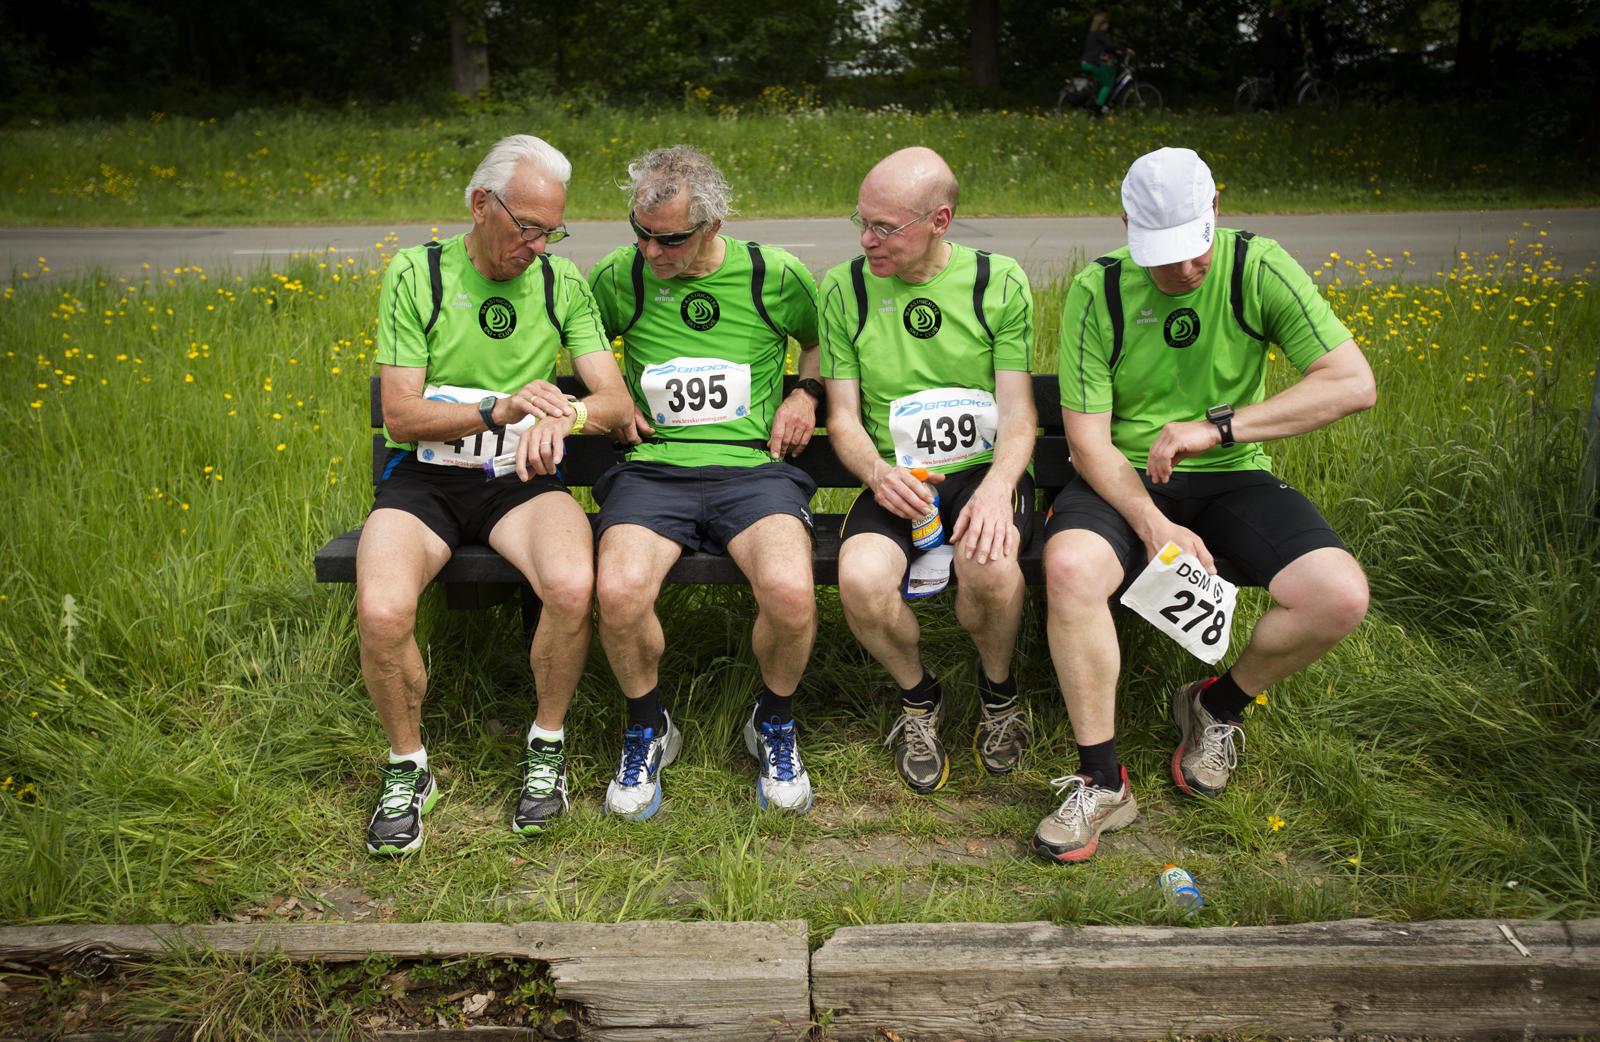 foto: © Bastiaan Heus - Treechloop, vier mannen zitten met nummers op buik op bankje in gras